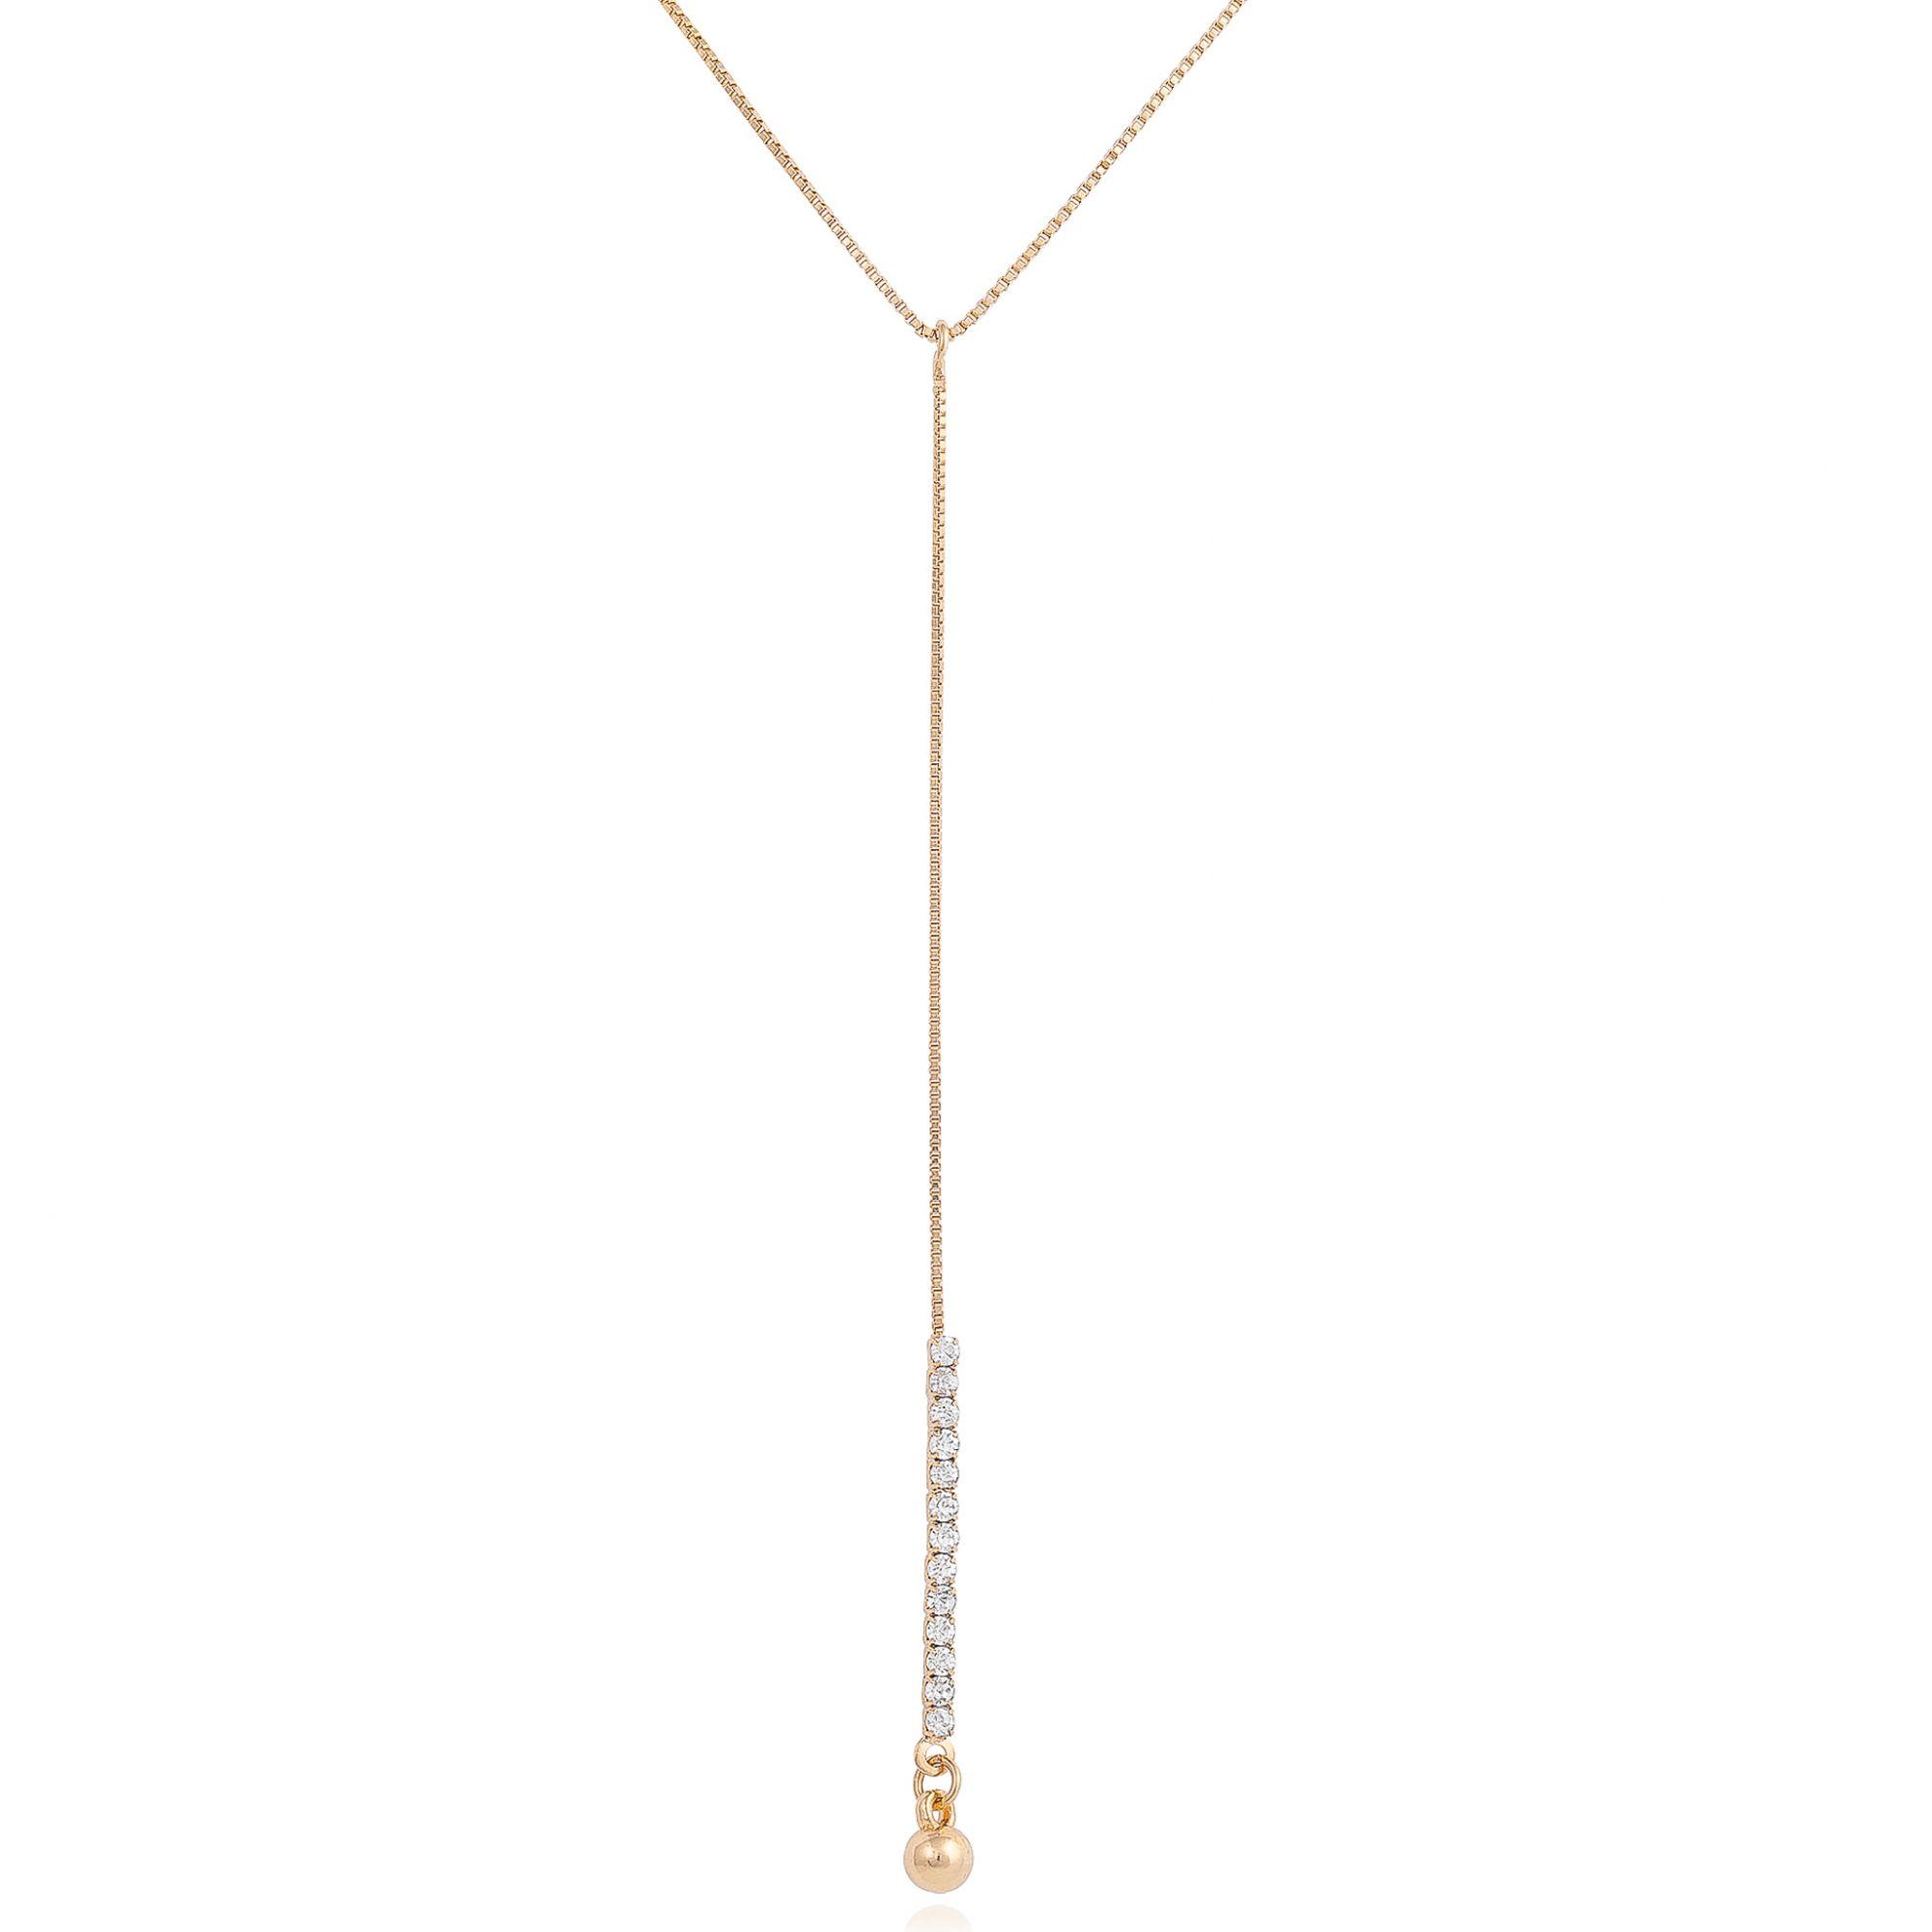 Colar com pendente gravata banhado a ouro 18k.  - bfdecor.com.br